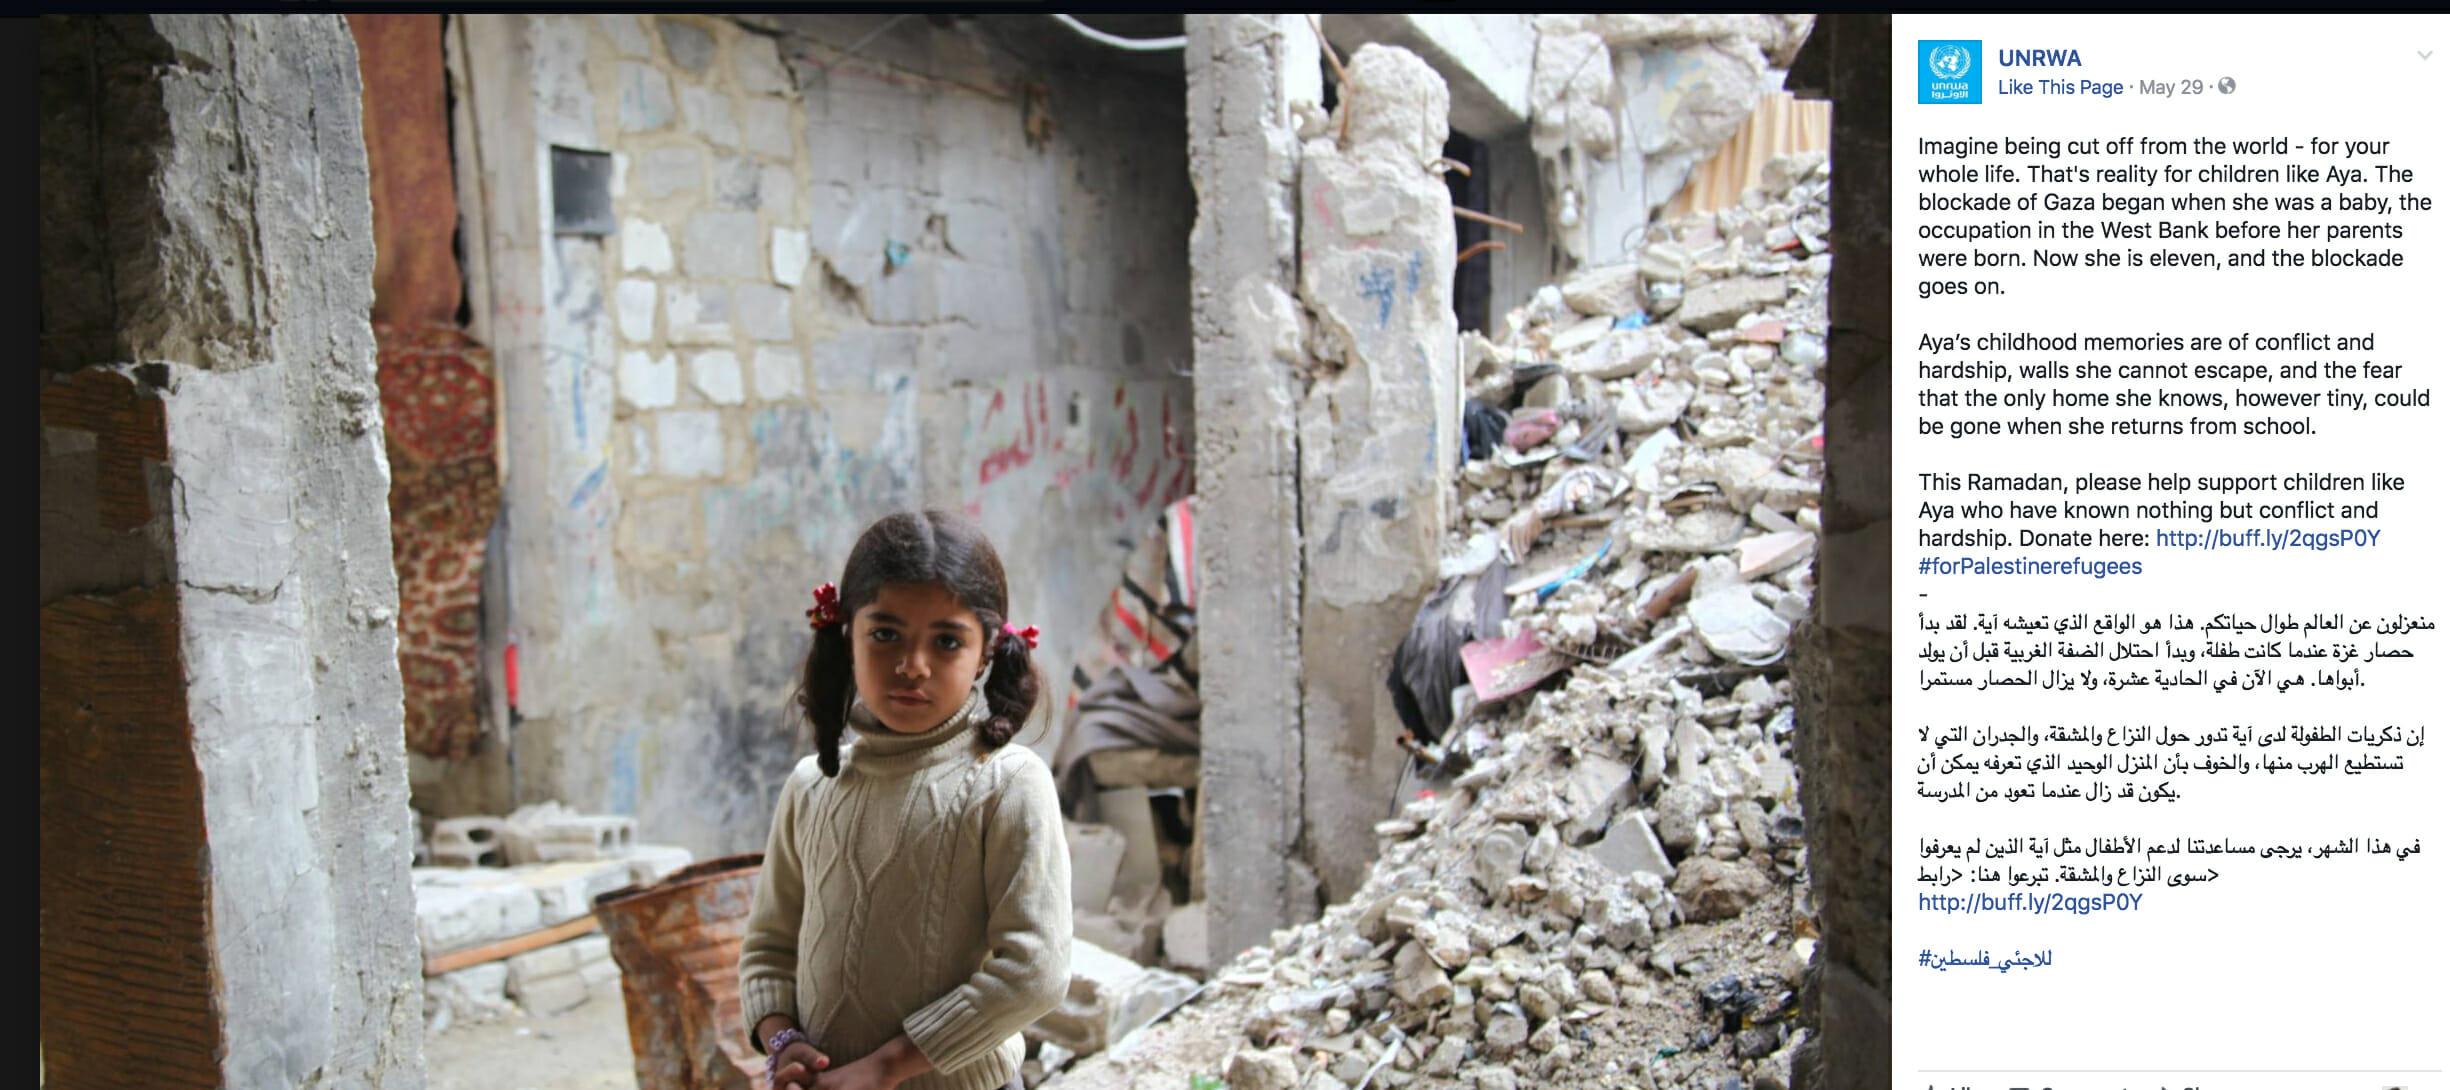 UNO-Propaganda gegen Israel – mit Foto von syrischem Kriegsopfer